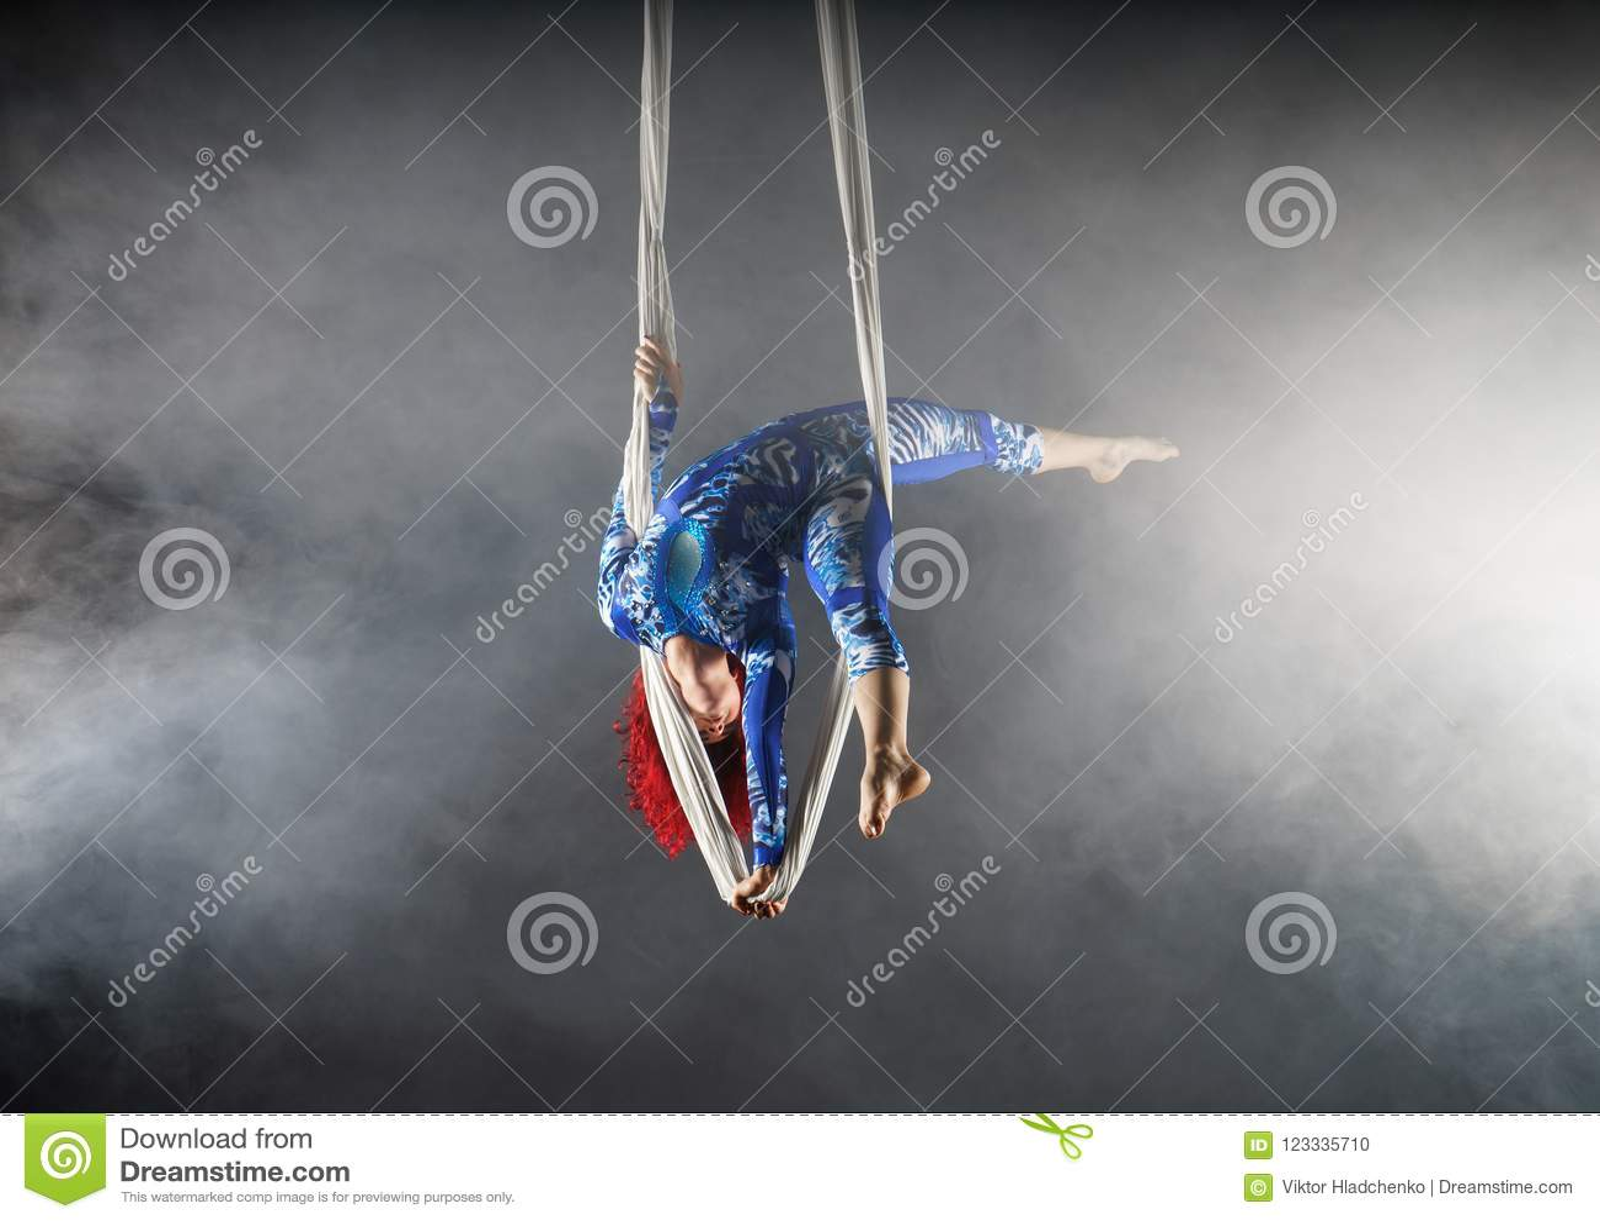 Атлетический воздушный художник цирка с redhead в голубом костюме стоя на одной руке в воздушном шелке